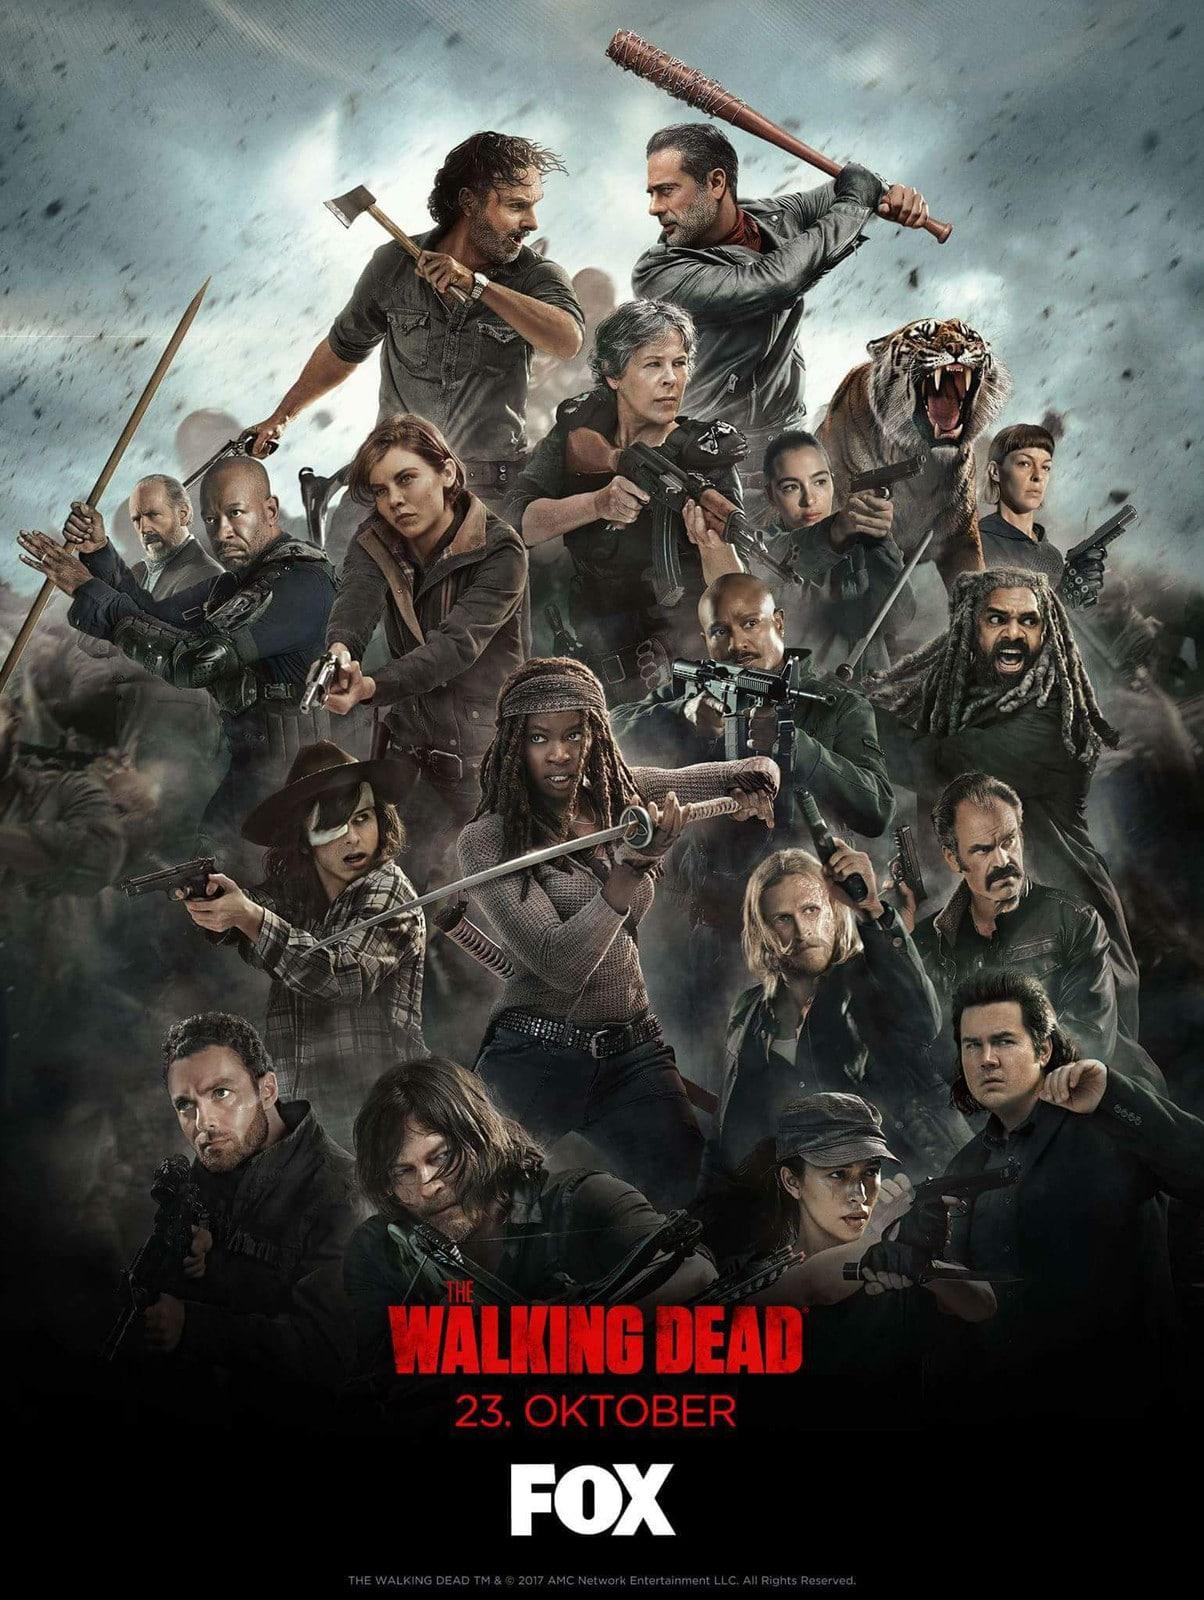 The Walking Dead Online